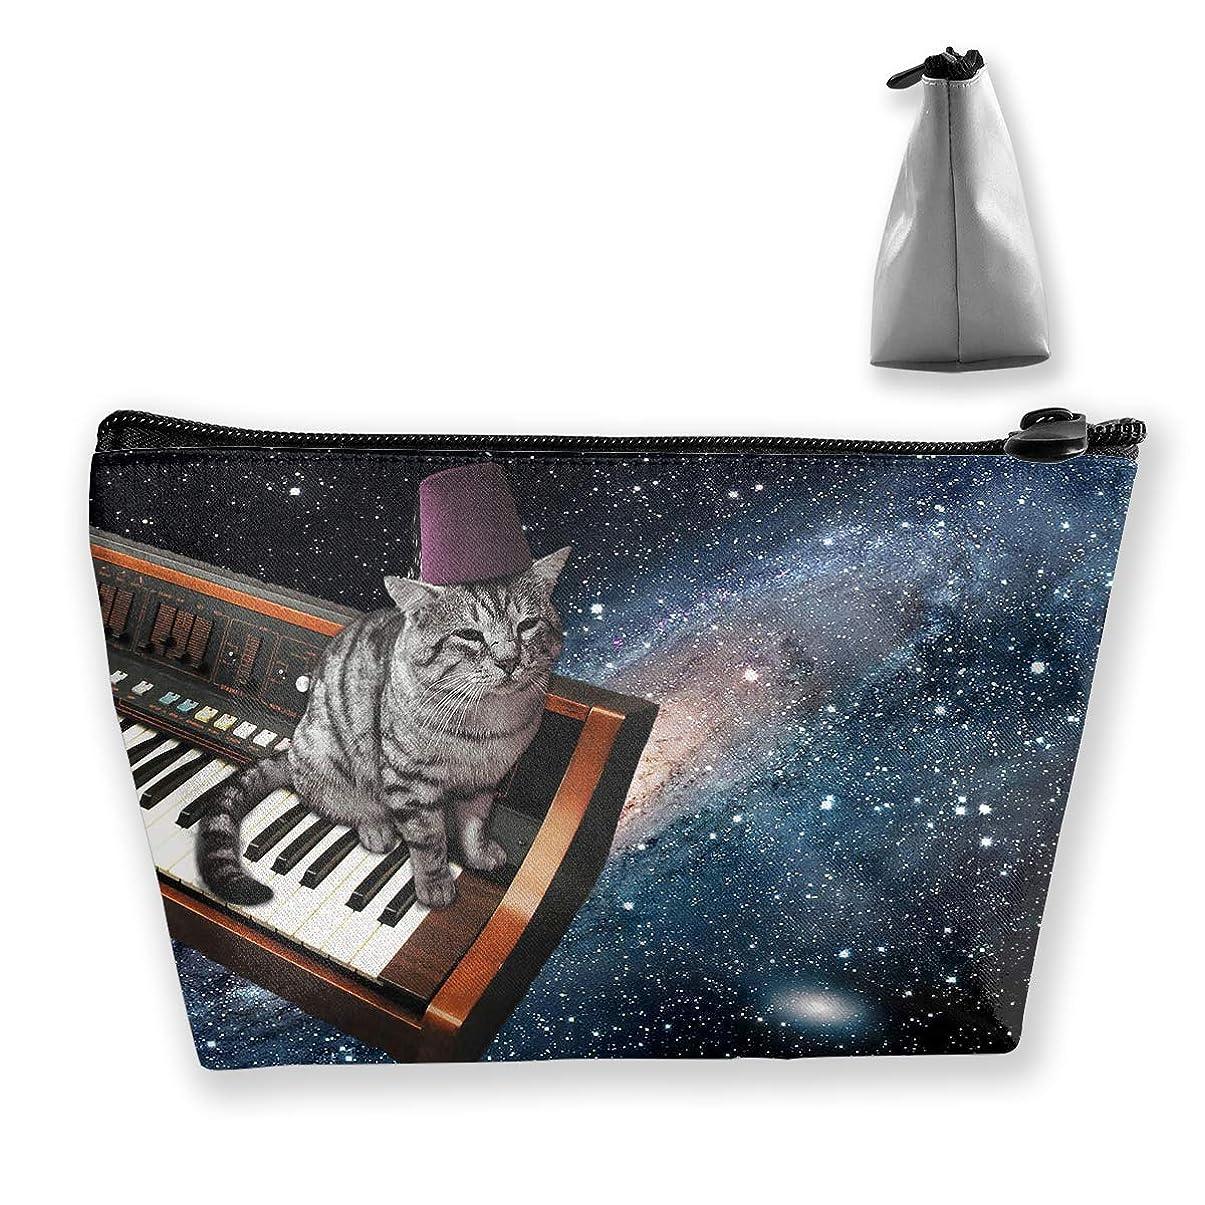 シソーラス聖職者断言する台形 レディース 化粧ポーチ トラベルポーチ 旅行 ハンドバッグ 猫ピアノプリント コスメ メイクポーチ コイン 鍵 小物入れ 化粧品 収納ケース